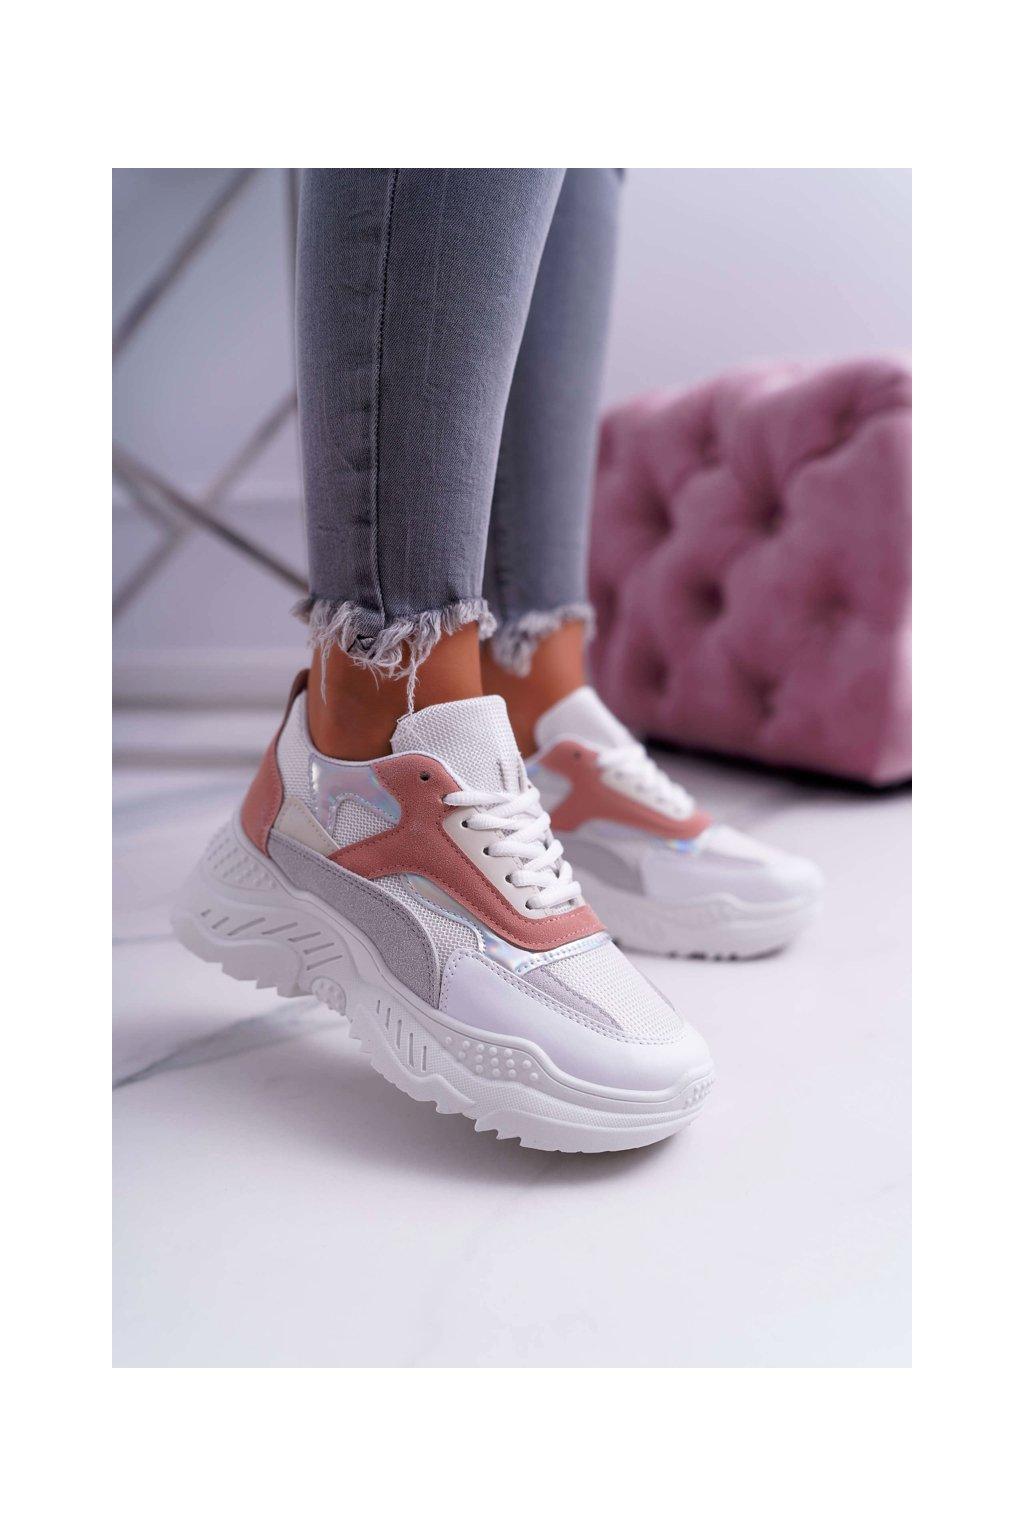 Dámska športová obuv s hrubou Podrážkou ružové Sevana